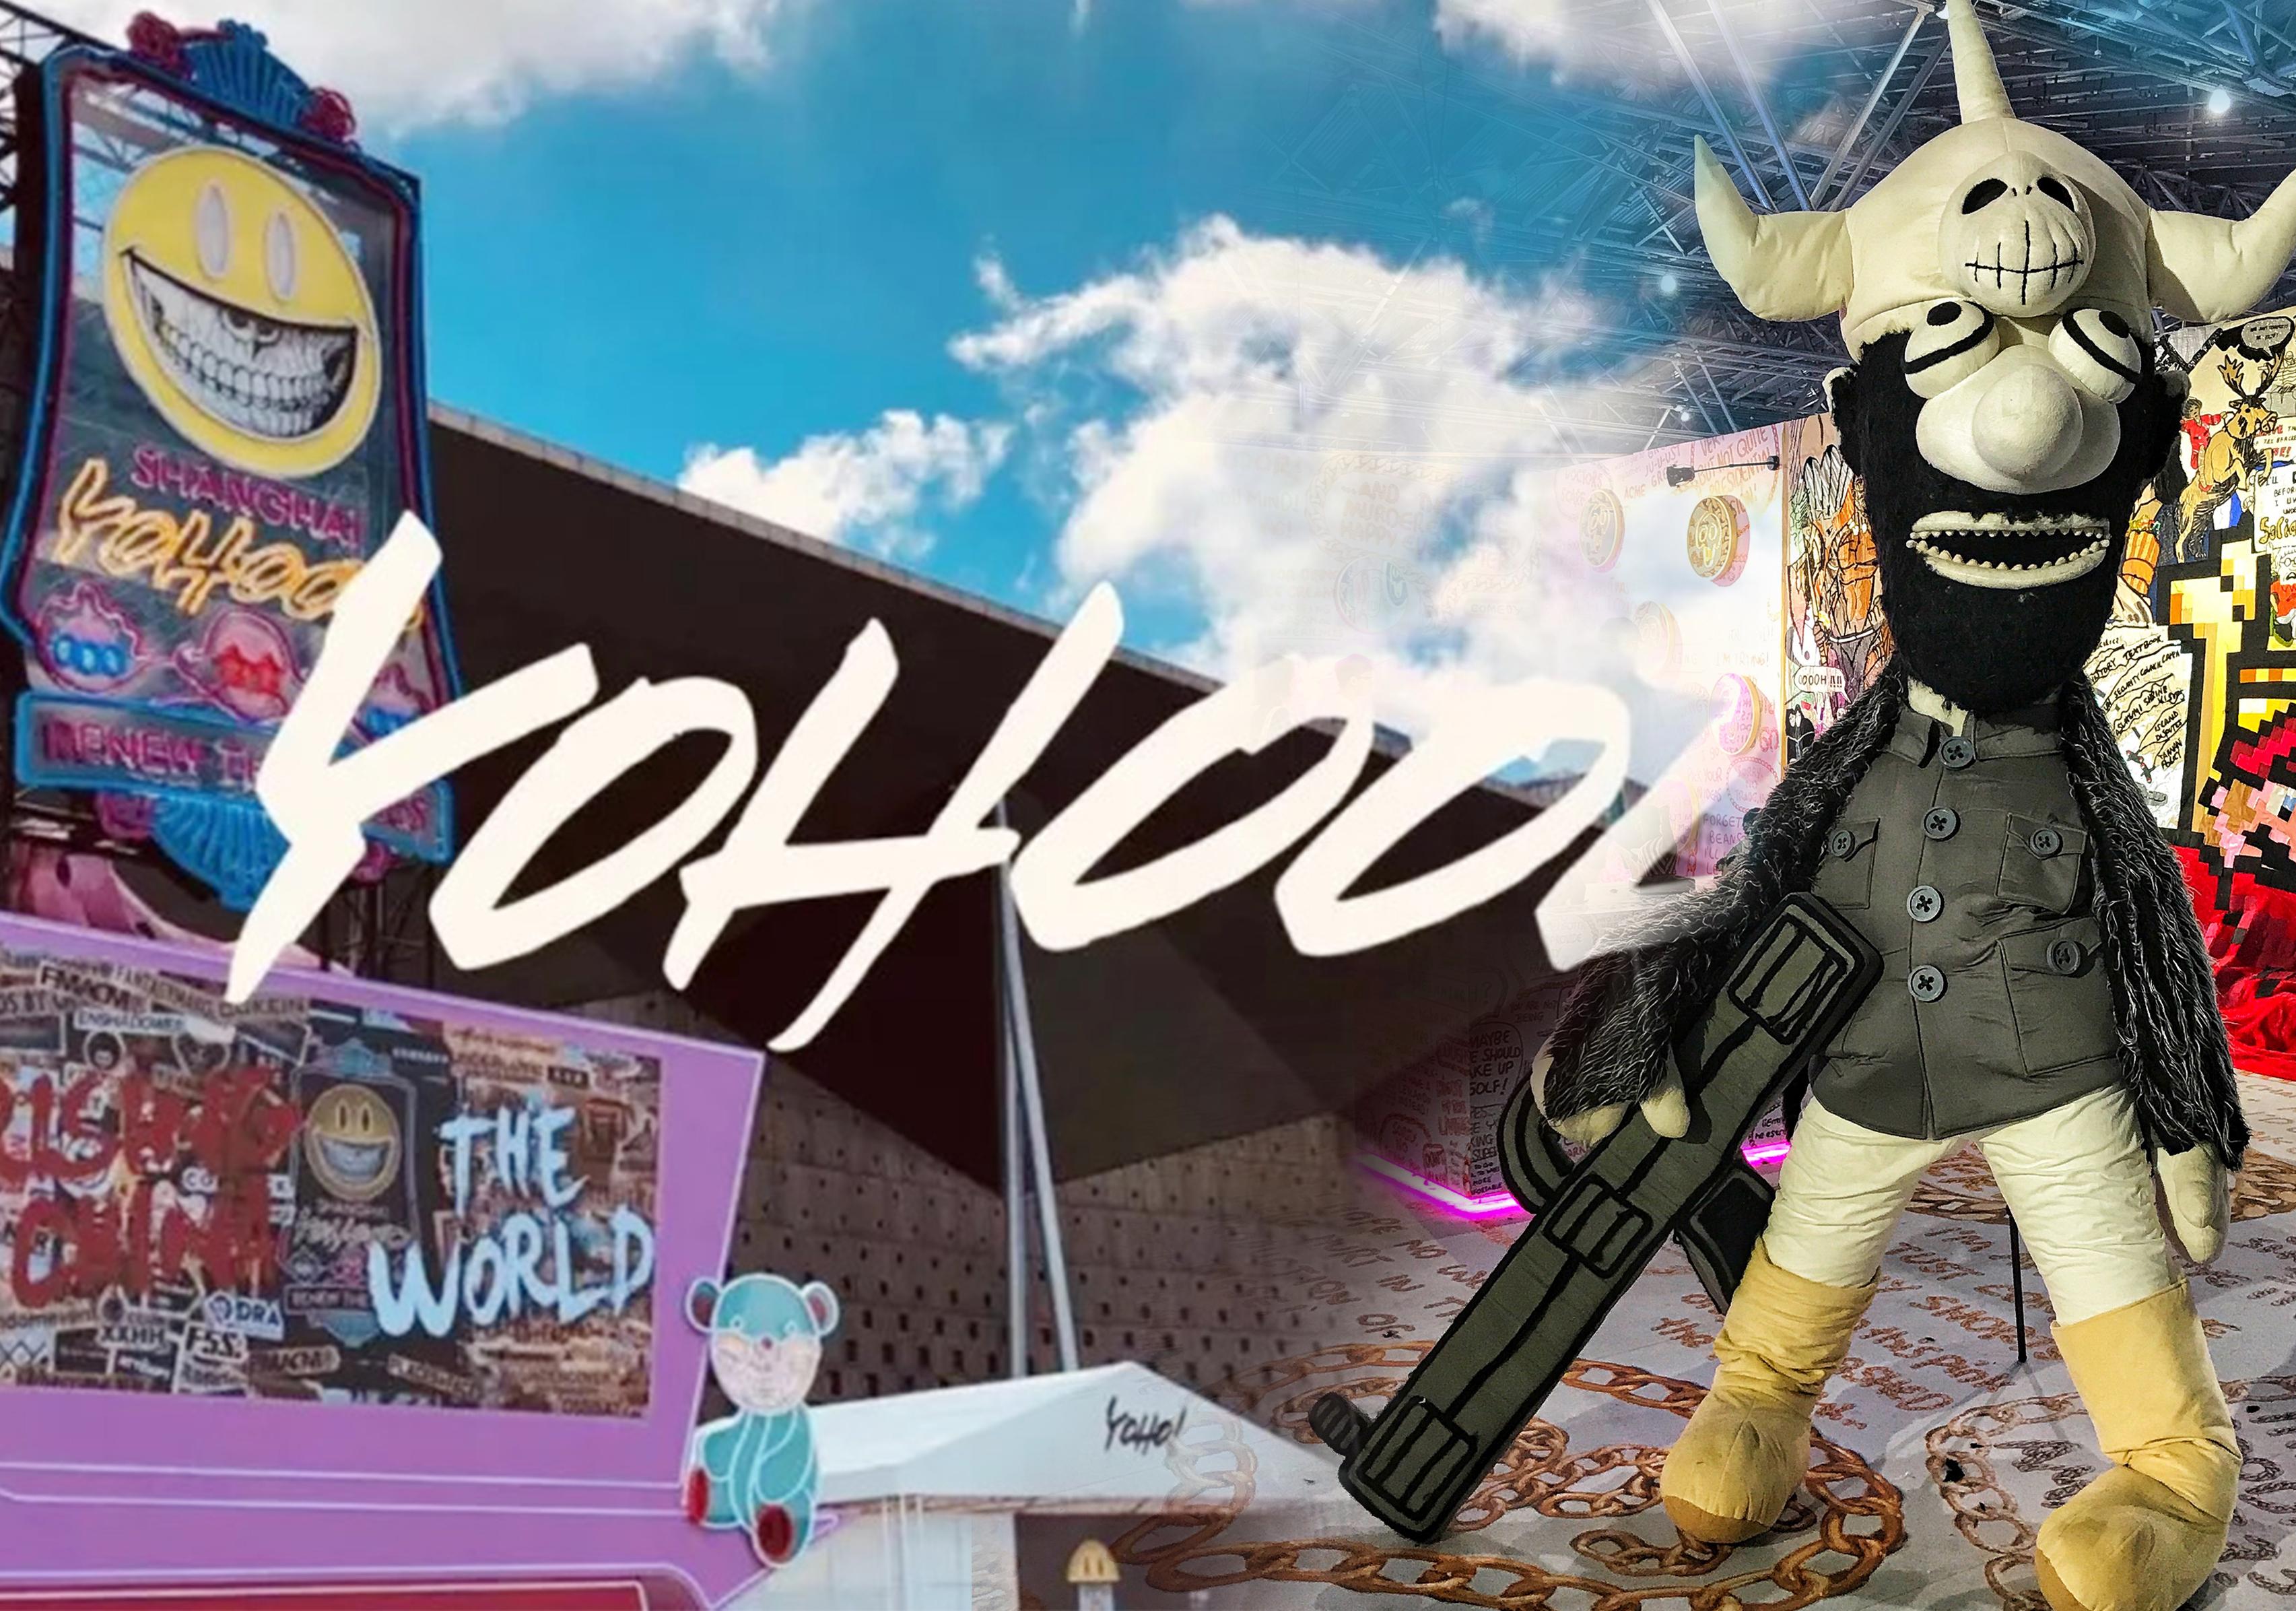 """第六届""""YOHOOD 2018全球潮流嘉年华""""于2018年8月31至9月2日在上海世博展览馆举行。今年YOHOOD的主题是【RENEW THE RULES】——颠覆规则,自然为大家带来更多新鲜有趣的潮流内容。不同于往年,此次潮流展特设了两大板块:【THE WORLD】和【RISING CHINA】,聚焦YOHOOD今年的主题——""""RENEW THE RULES"""",将国内外潮流激情碰撞,为大家呈现不同寻常的惊喜。本届YOHOOD还请来了余文乐、林俊杰、罗志祥、等众多潮流圈大咖。"""